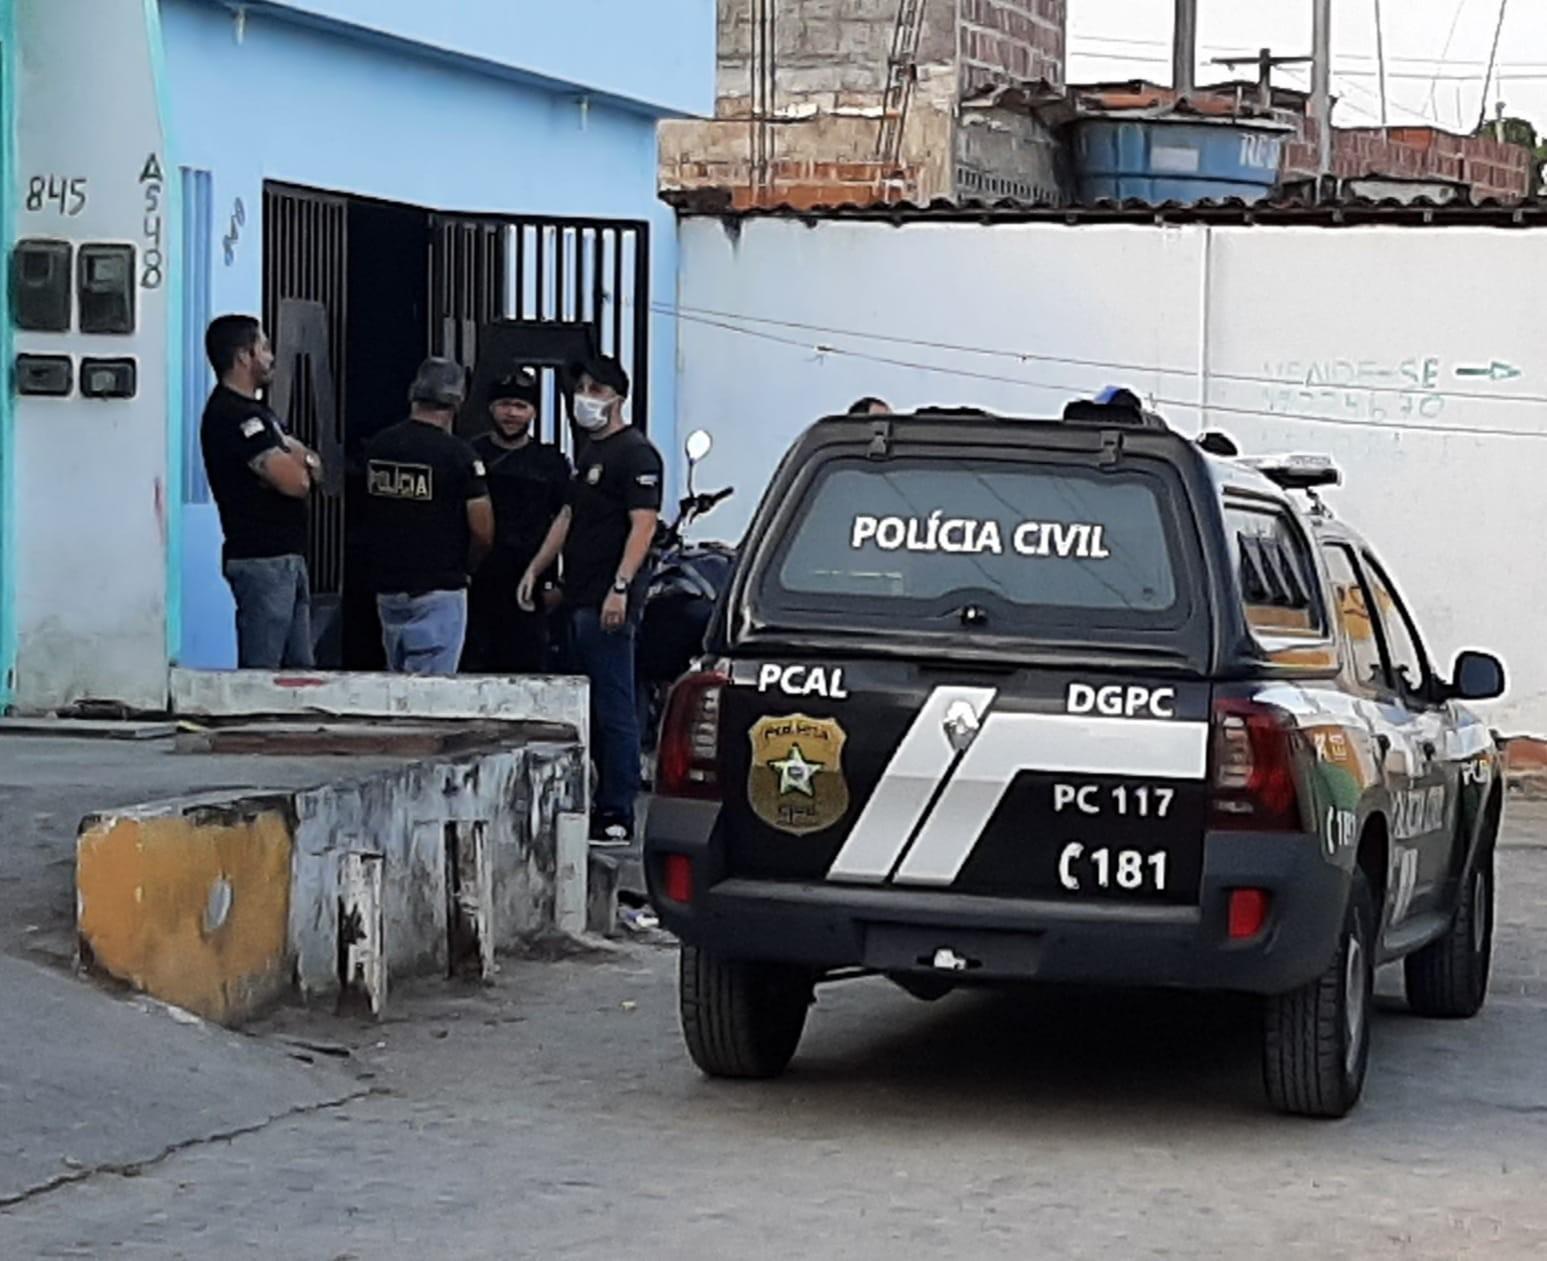 'Ele coordenava as fraudes com a ajuda de comparsas', diz delegado sobre ex-PM de Alagoas preso por fraudar concursos públicos